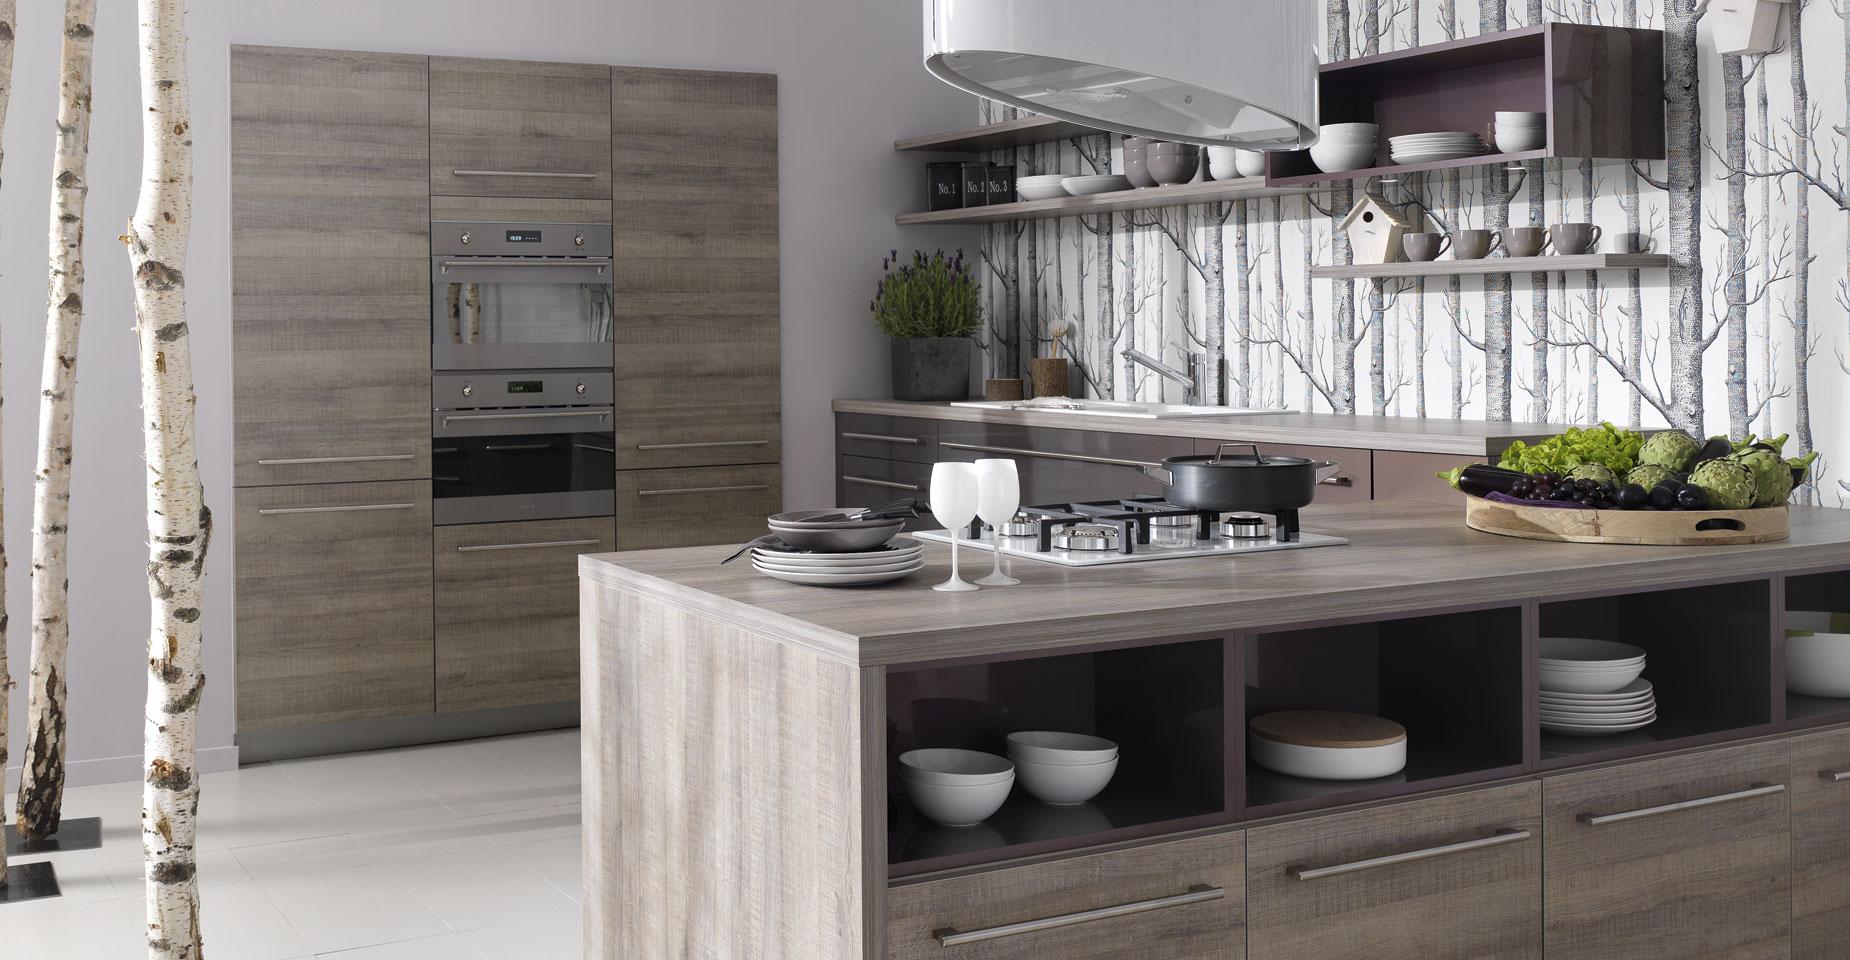 plan de travail pour la cuisine style et r sistance comera cuisines. Black Bedroom Furniture Sets. Home Design Ideas